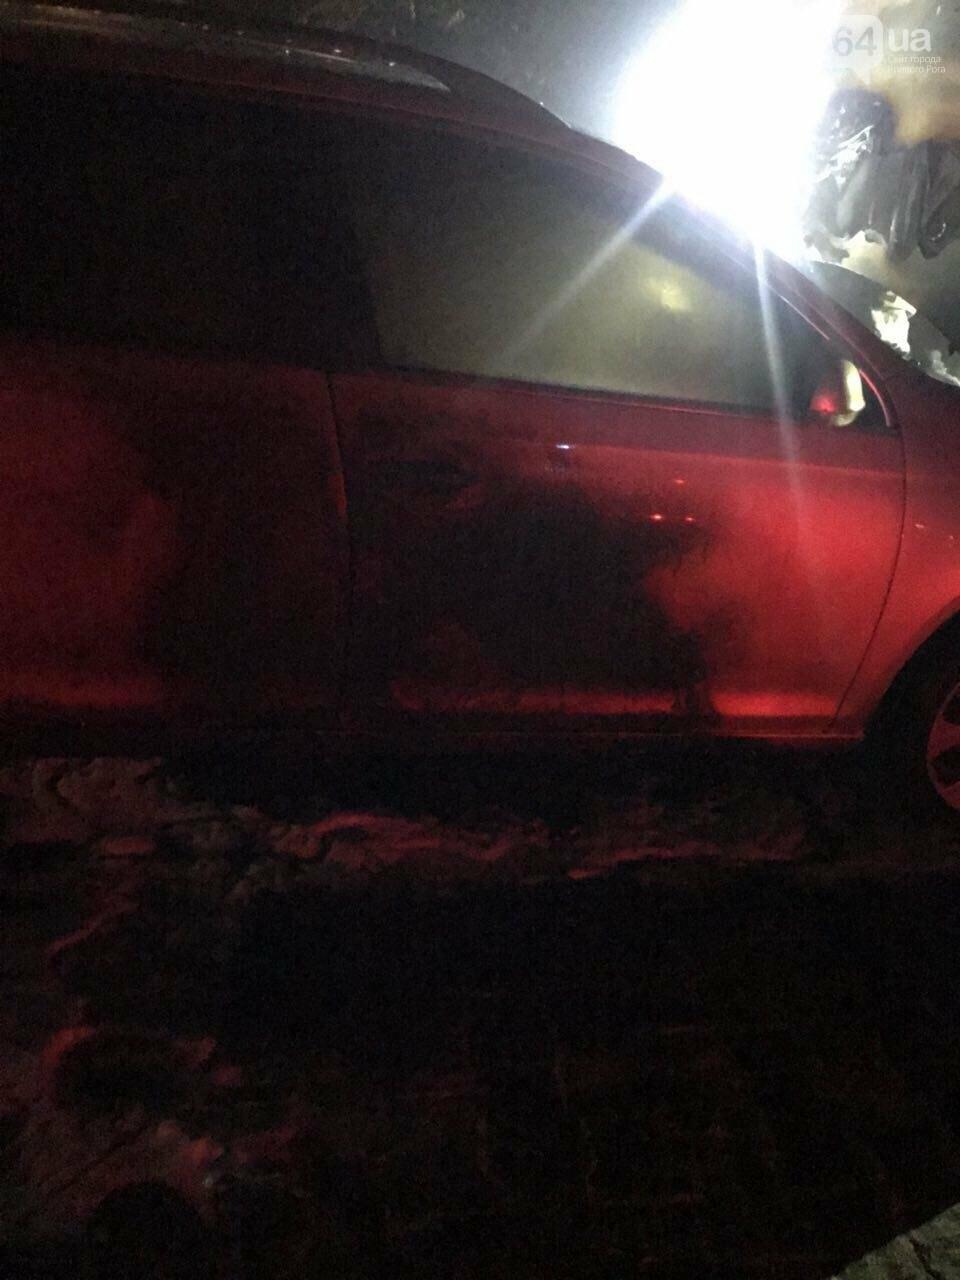 Возле дома №13 в Кривом Роге ночью сгорела иномарка, - ФОТО, фото-3